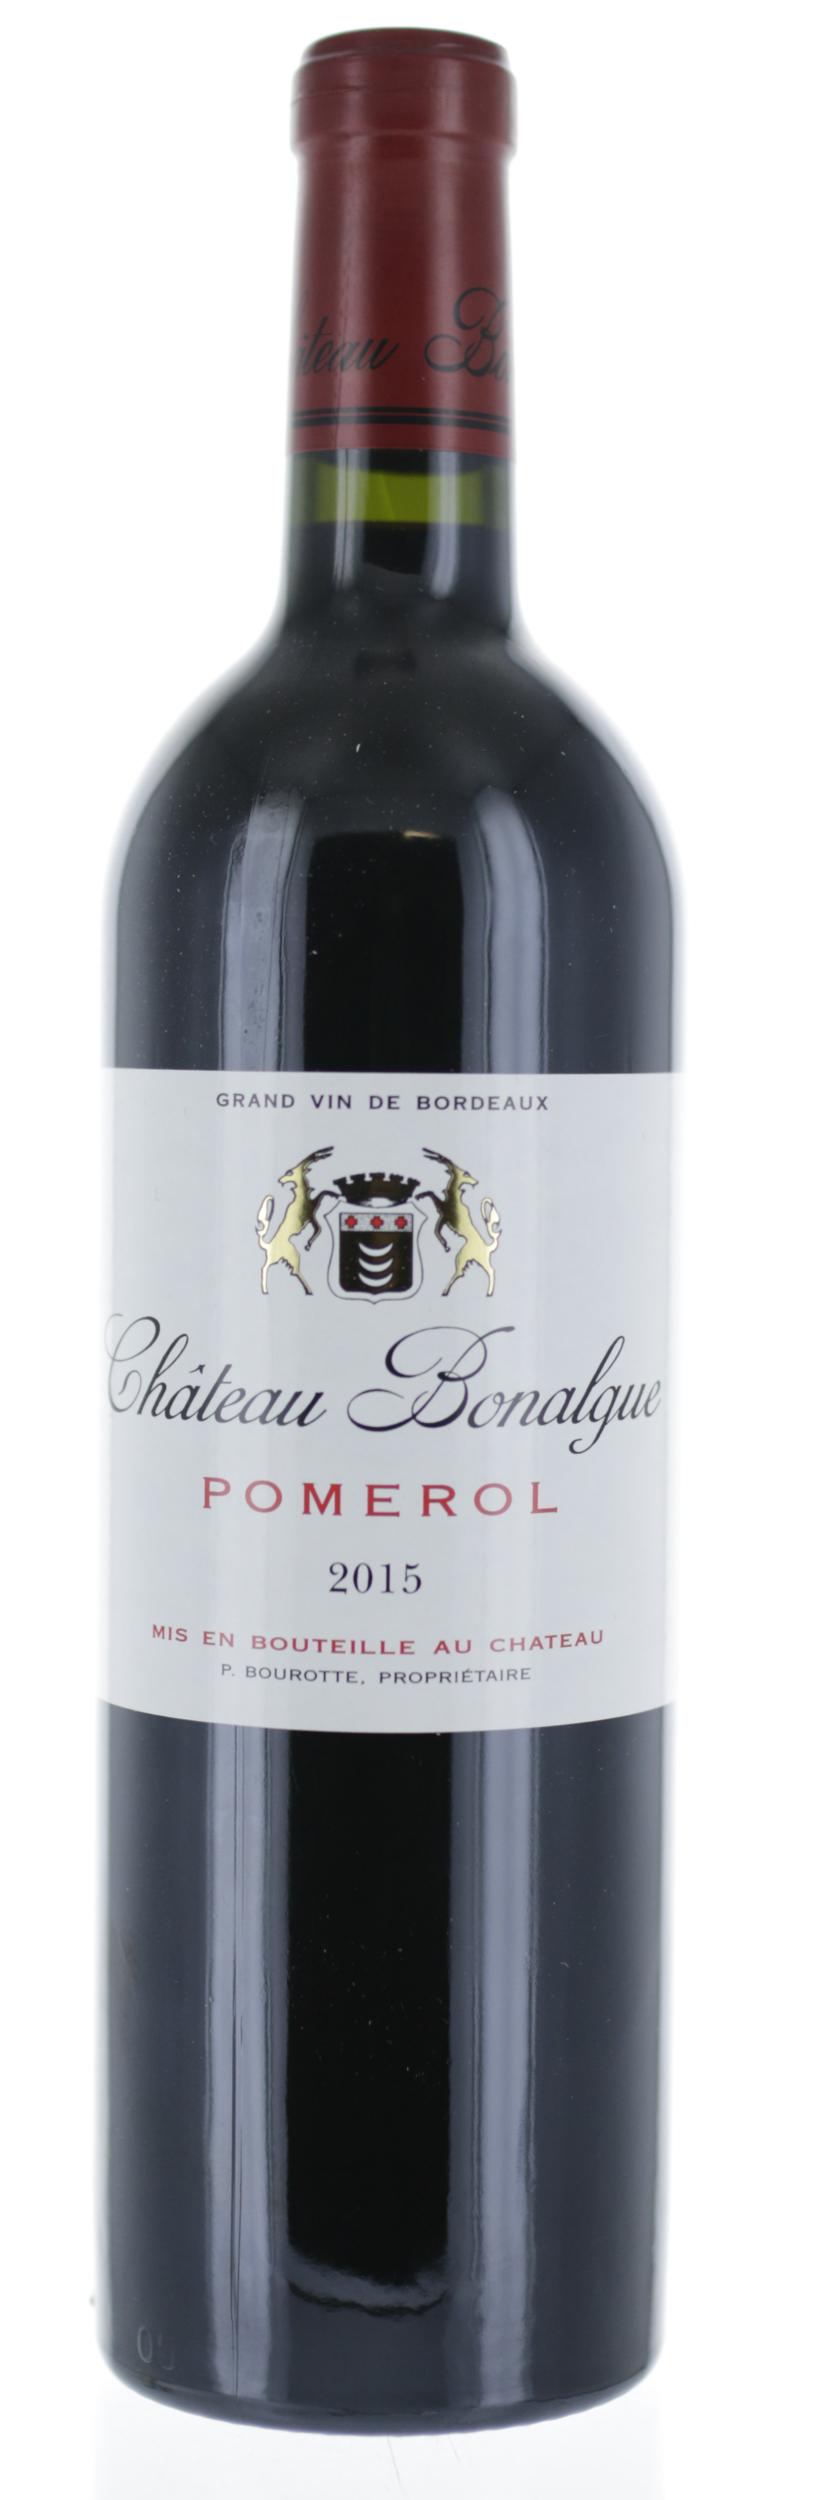 Pomerol - Château Bonalgue - 2015